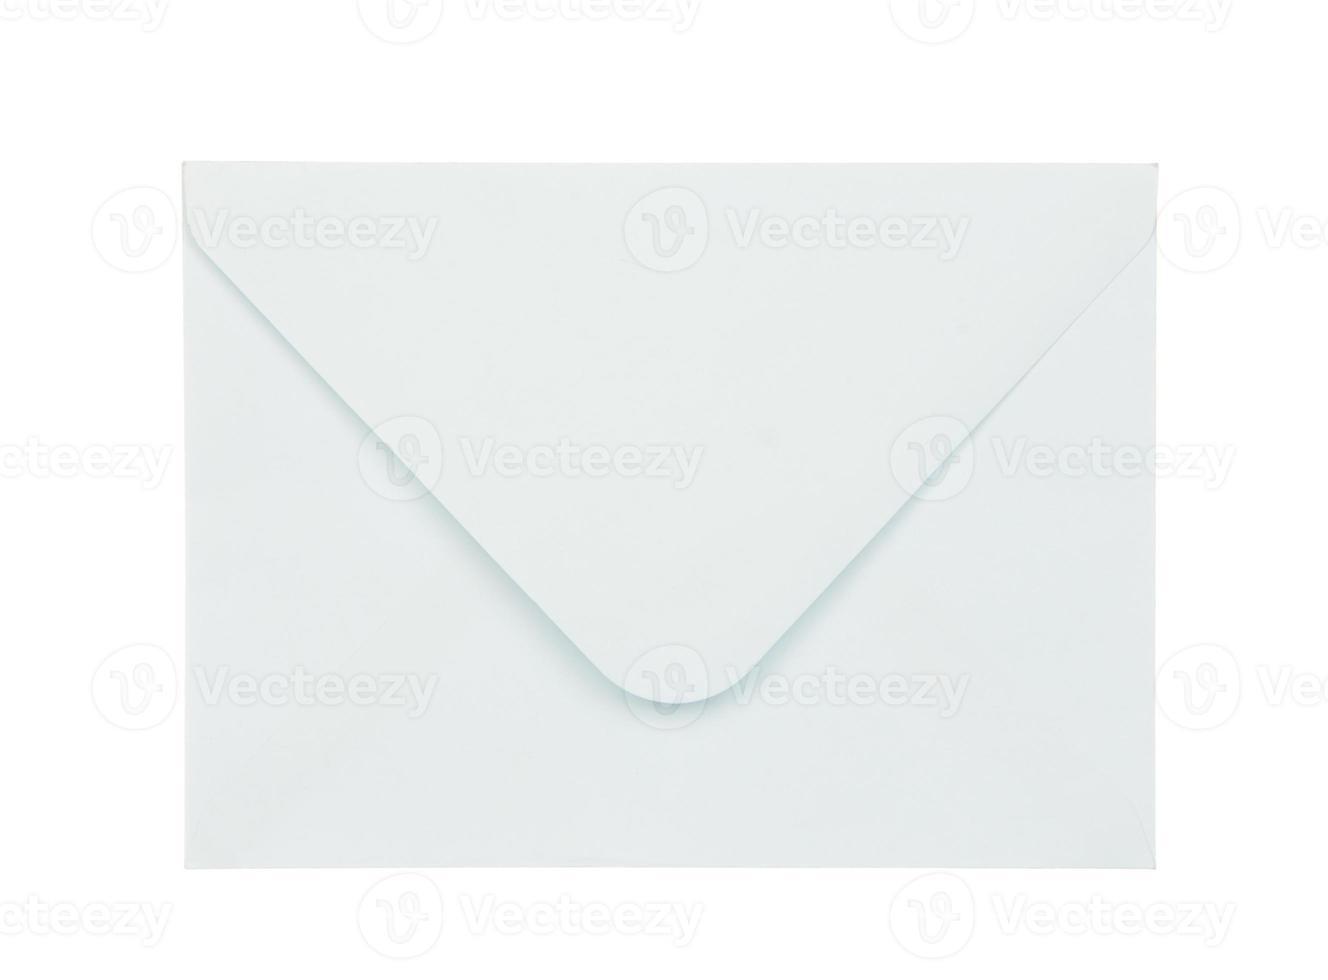 envelop op wit wordt geïsoleerd foto